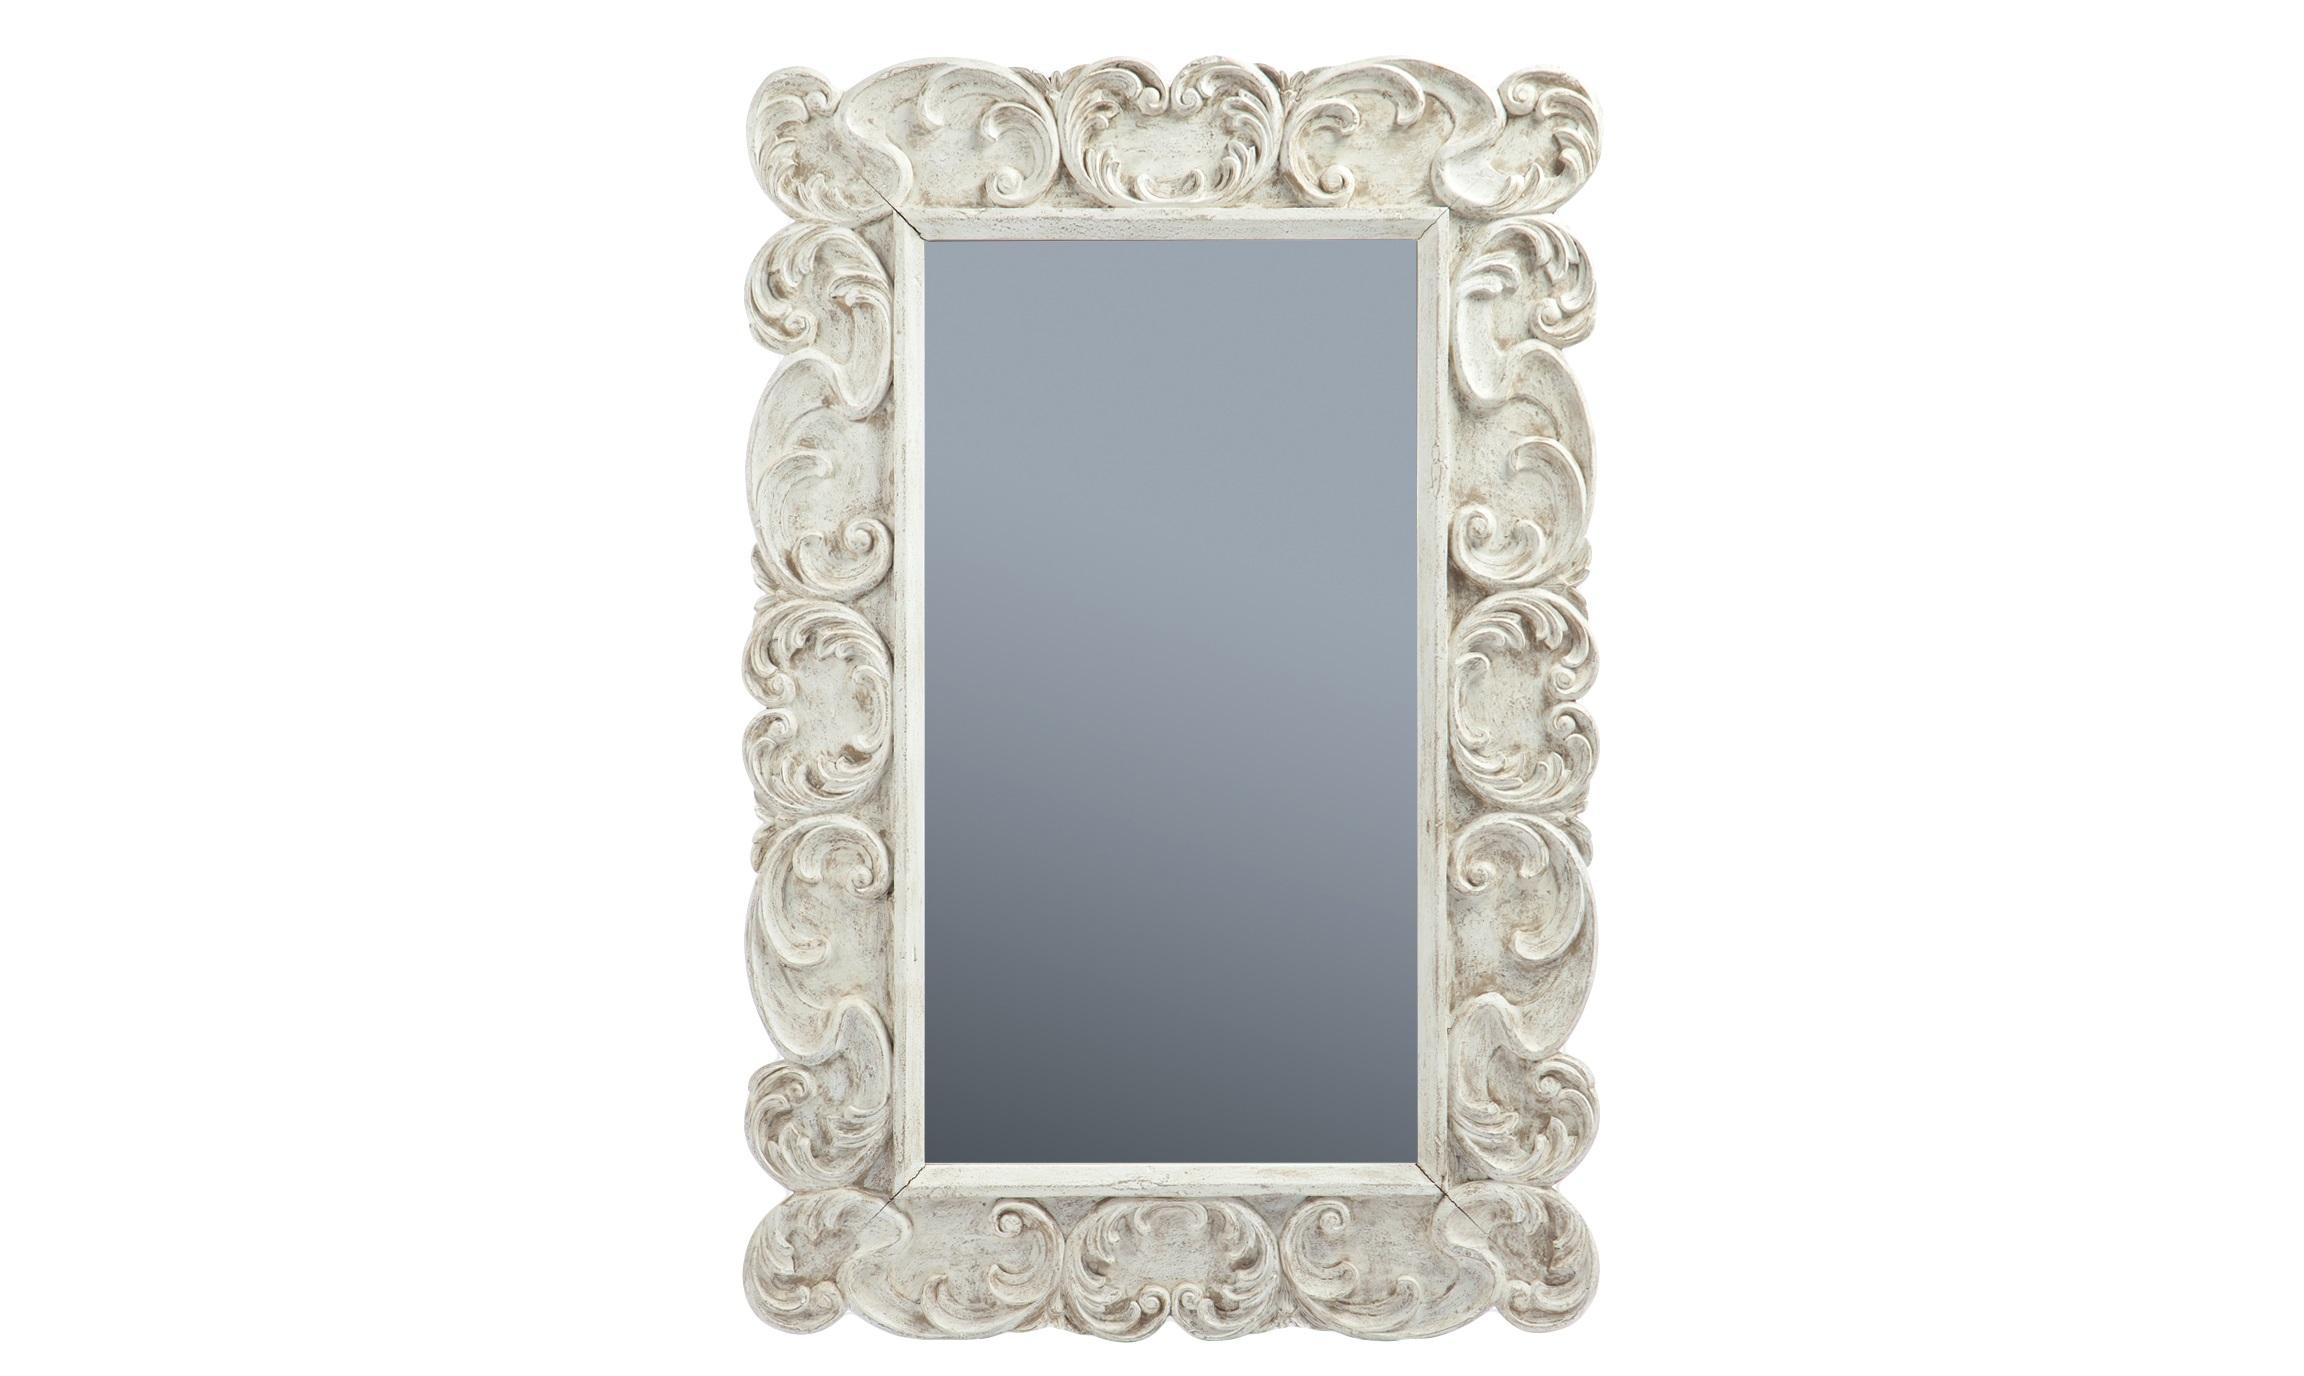 Зеркало «Модерн»Настенные зеркала<br>Зеркало в резной раме из дерева махагони, декорированной патиной и старением.<br><br>Material: Красное дерево<br>Width см: 100<br>Height см: 150